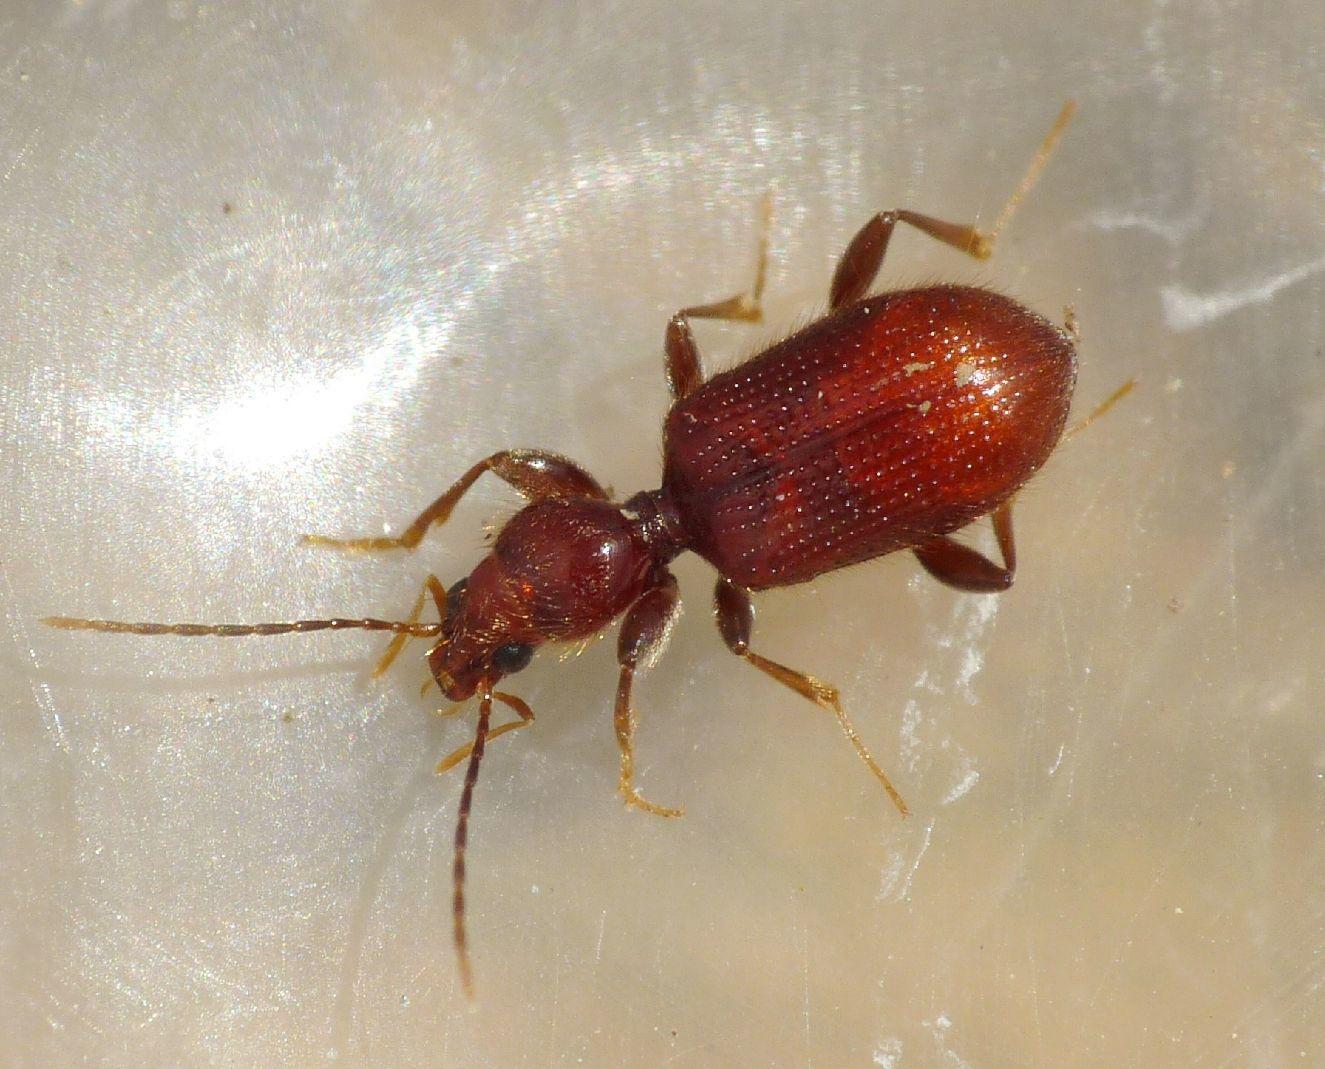 Apotomus rufus (Carabidae)